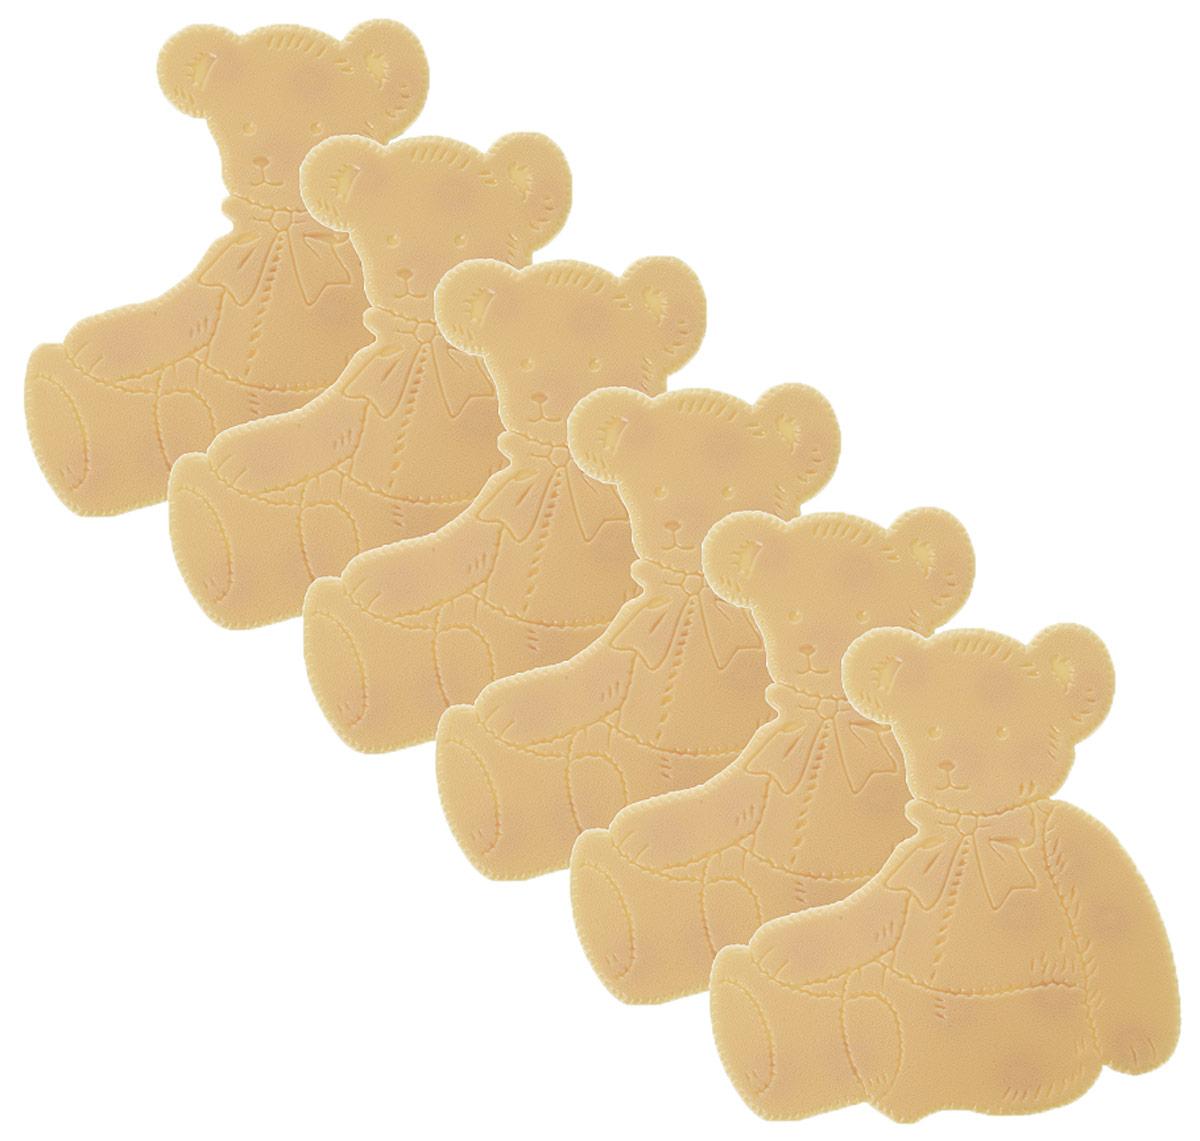 Valiant Мини-коврик для ванной комнаты Медвежонок на присосках 6 штK6-12Мини-коврик для ванной комнаты Valiant Медвежонок - это модный и экономичный способ сделать вашу ванную комнату более уютной, красивой и безопасной. В наборе представлены 6 мини-ковриков в виде забавных медвежат. Коврики прочно крепятся на любую гладкую поверхность с помощью присосок. Расположите коврик там, где вам необходимо яркое цветовое пятно и надежная противоскользящая опора - на поверхности ванной, на кафельной стене или стенке душевой кабины, на полу - как дополнение вашего коврика стандартного размера. Мини-коврики Valiant незаменимы при купании маленького ребенка: он не поскользнется и не упадет, держась за мягкую и приятную на ощупь рифленую поверхность коврика. Рекомендации по уходу: после использования тщательно смойте остатки мыла или других косметических средств с коврика.